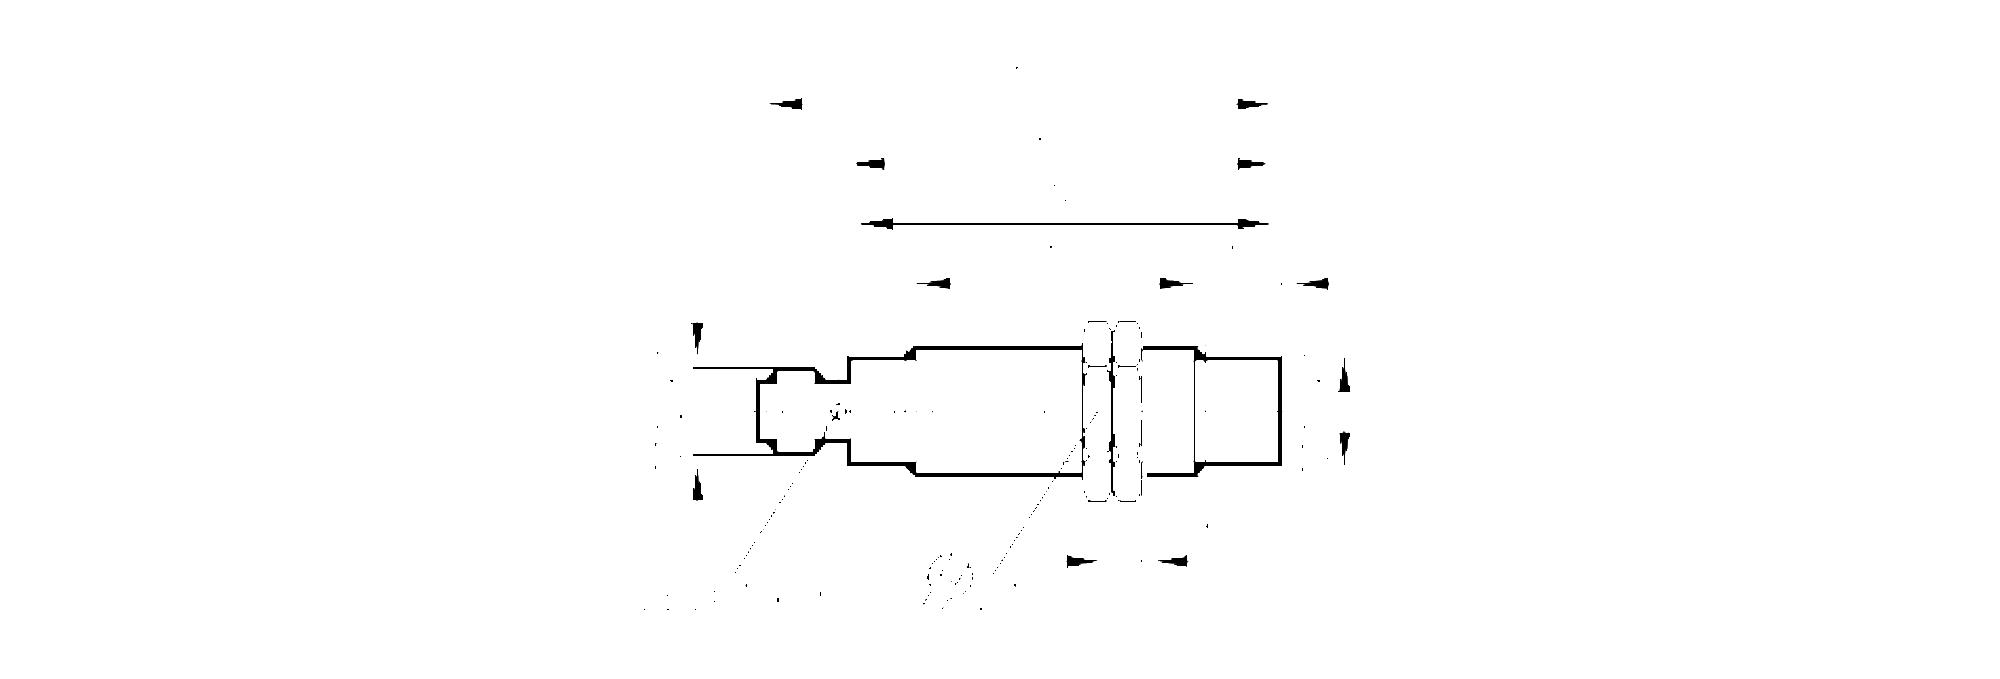 1-YR WARRANTY Sensor - Efector IFM IGKC012-ASKG M US-104-DRS 2LED-IGS209